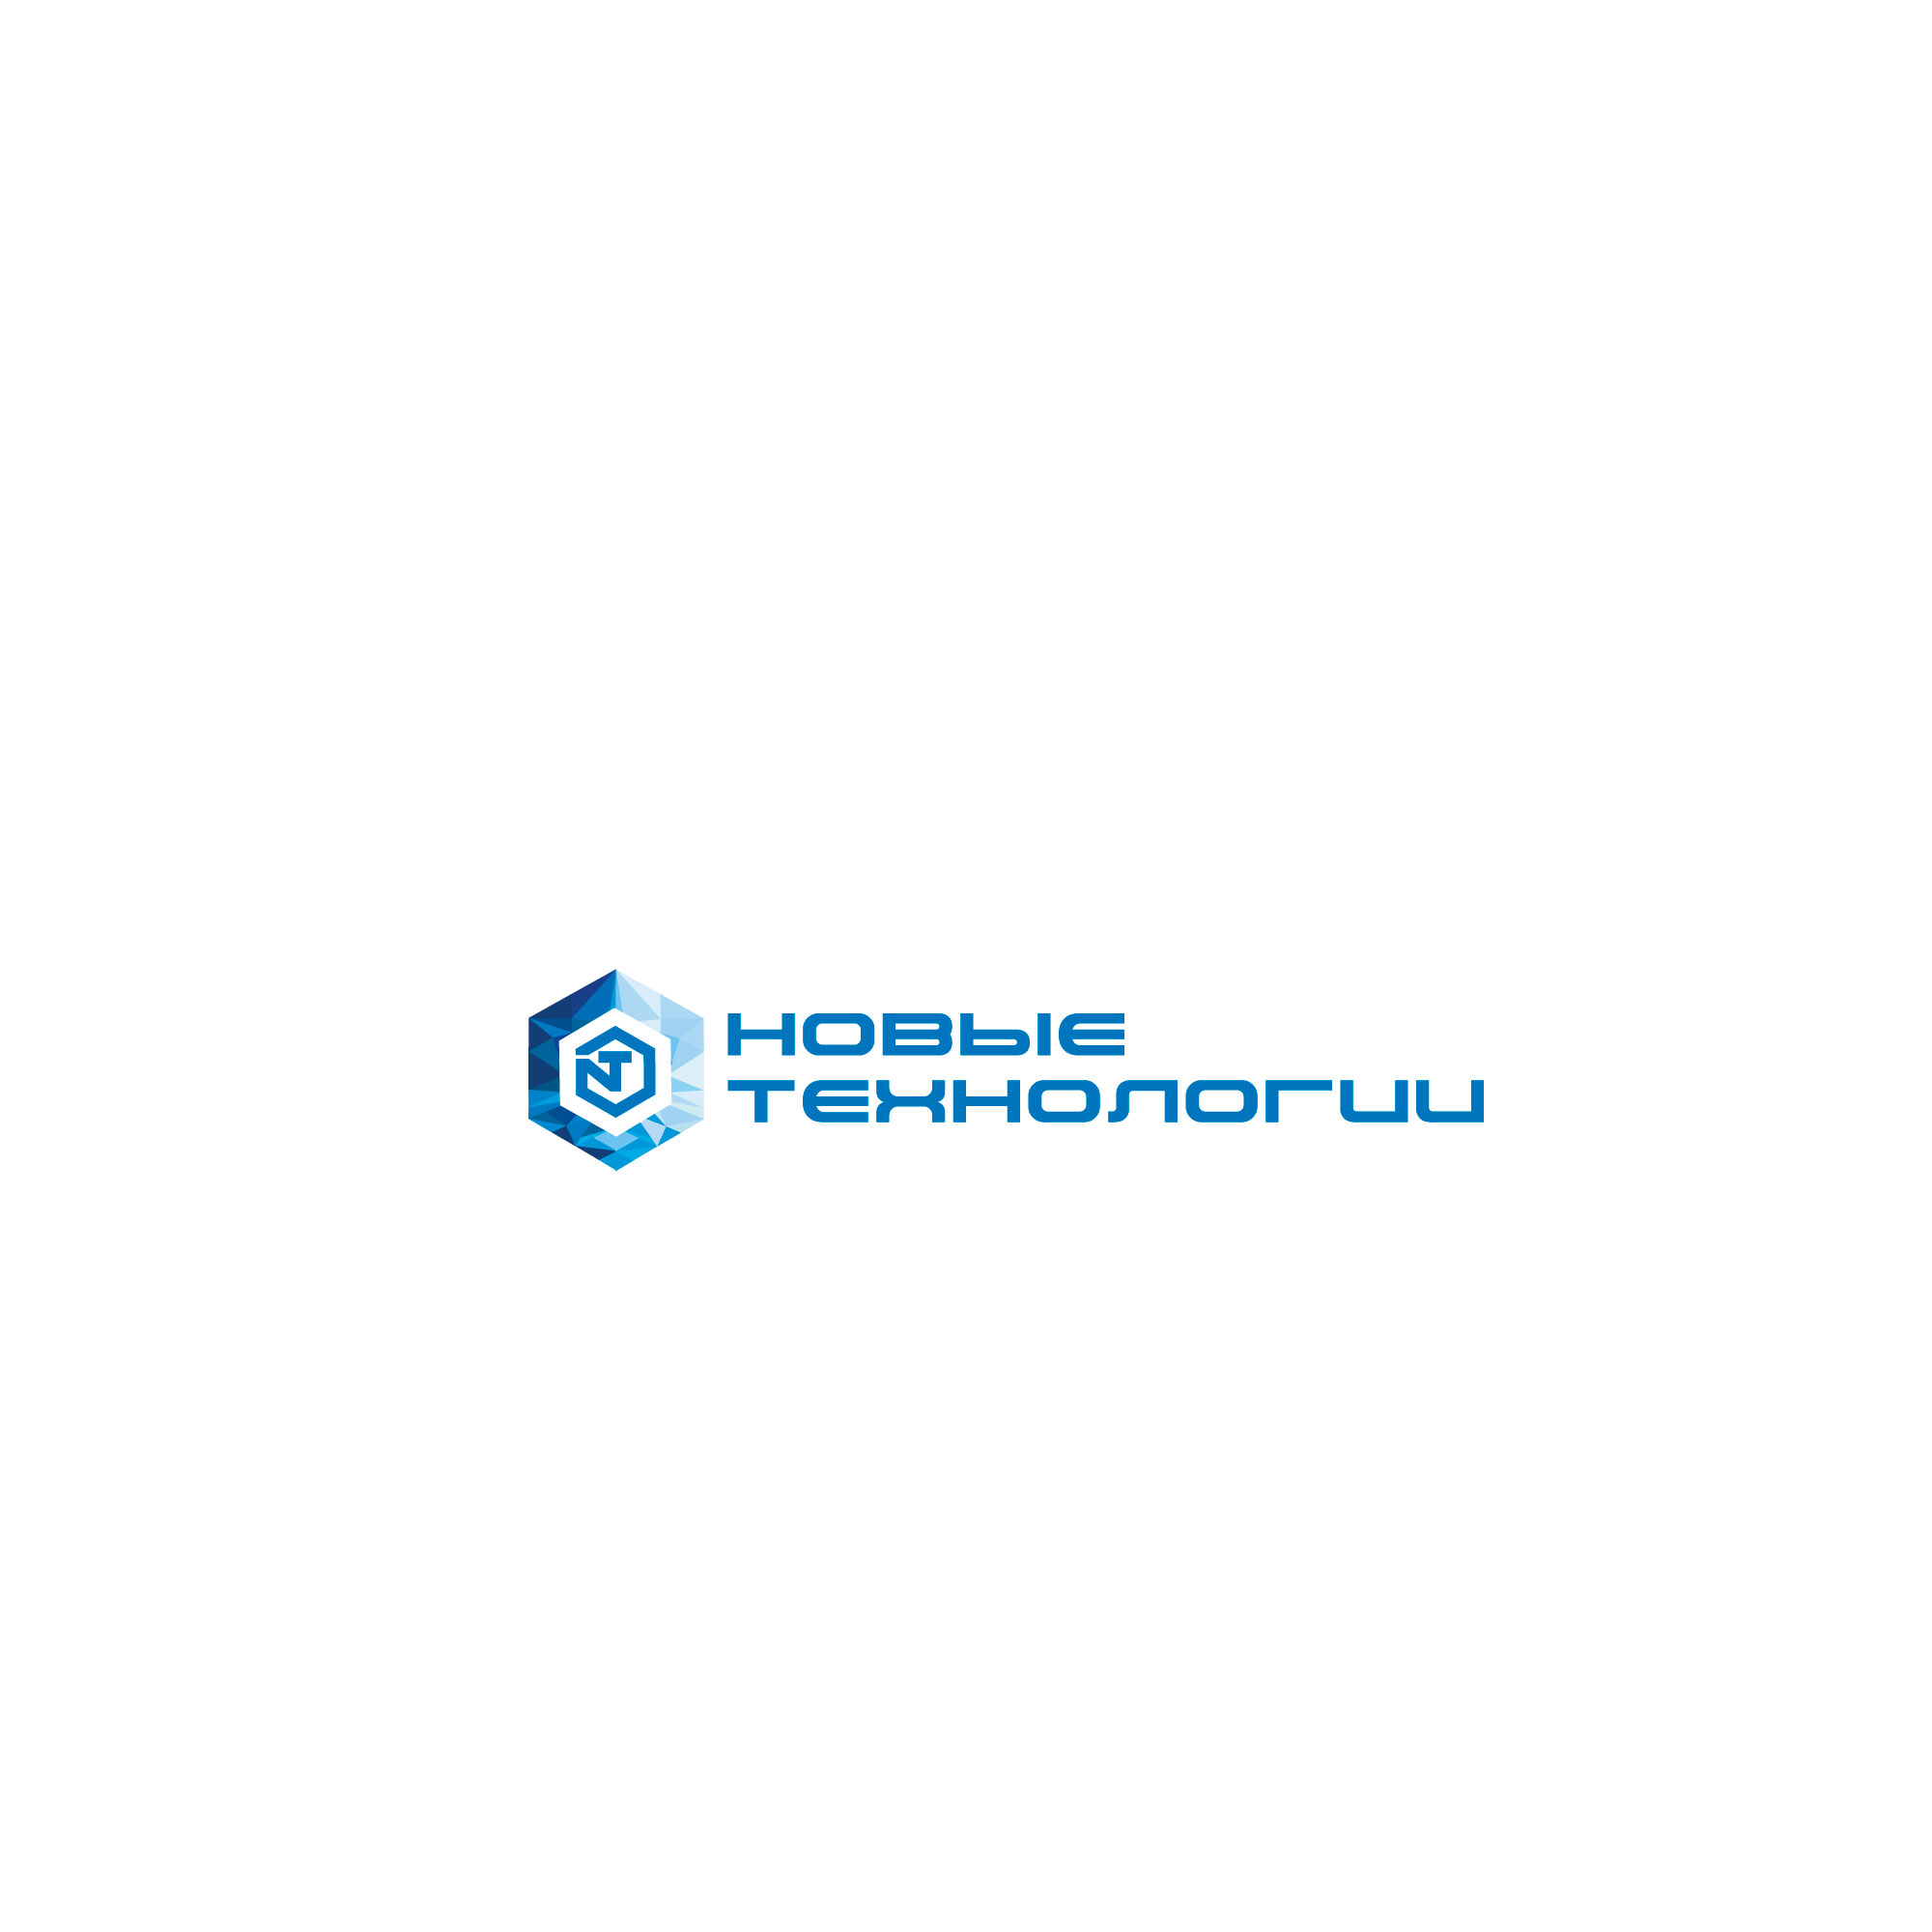 Разработка логотипа и фирменного стиля фото f_5415e71a10a633bc.jpg